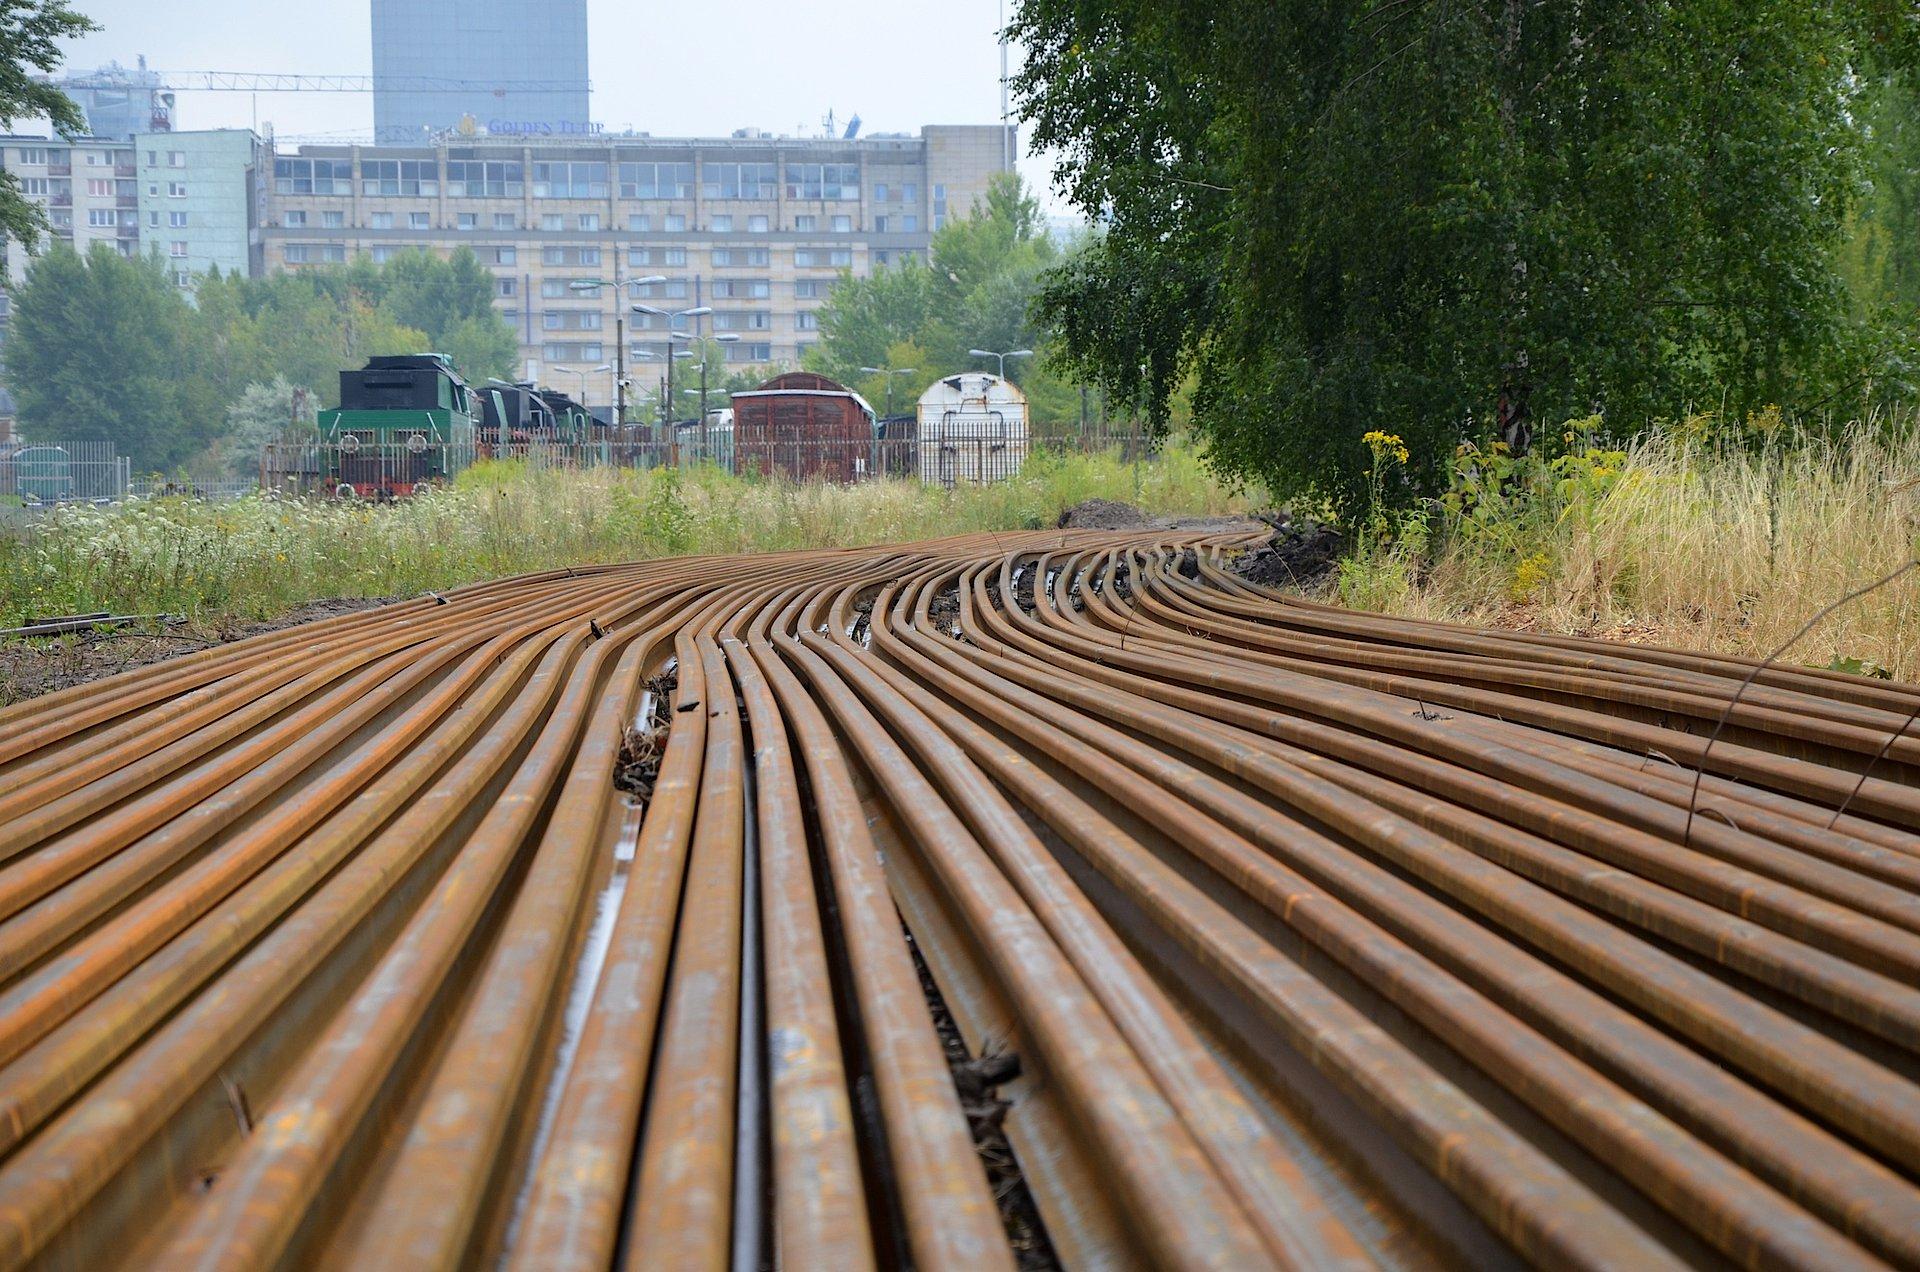 Trakcja PRKiI rozpoczęła prace na stacji Warszawa Główna. Koniec budowy w III kw. 2019 roku